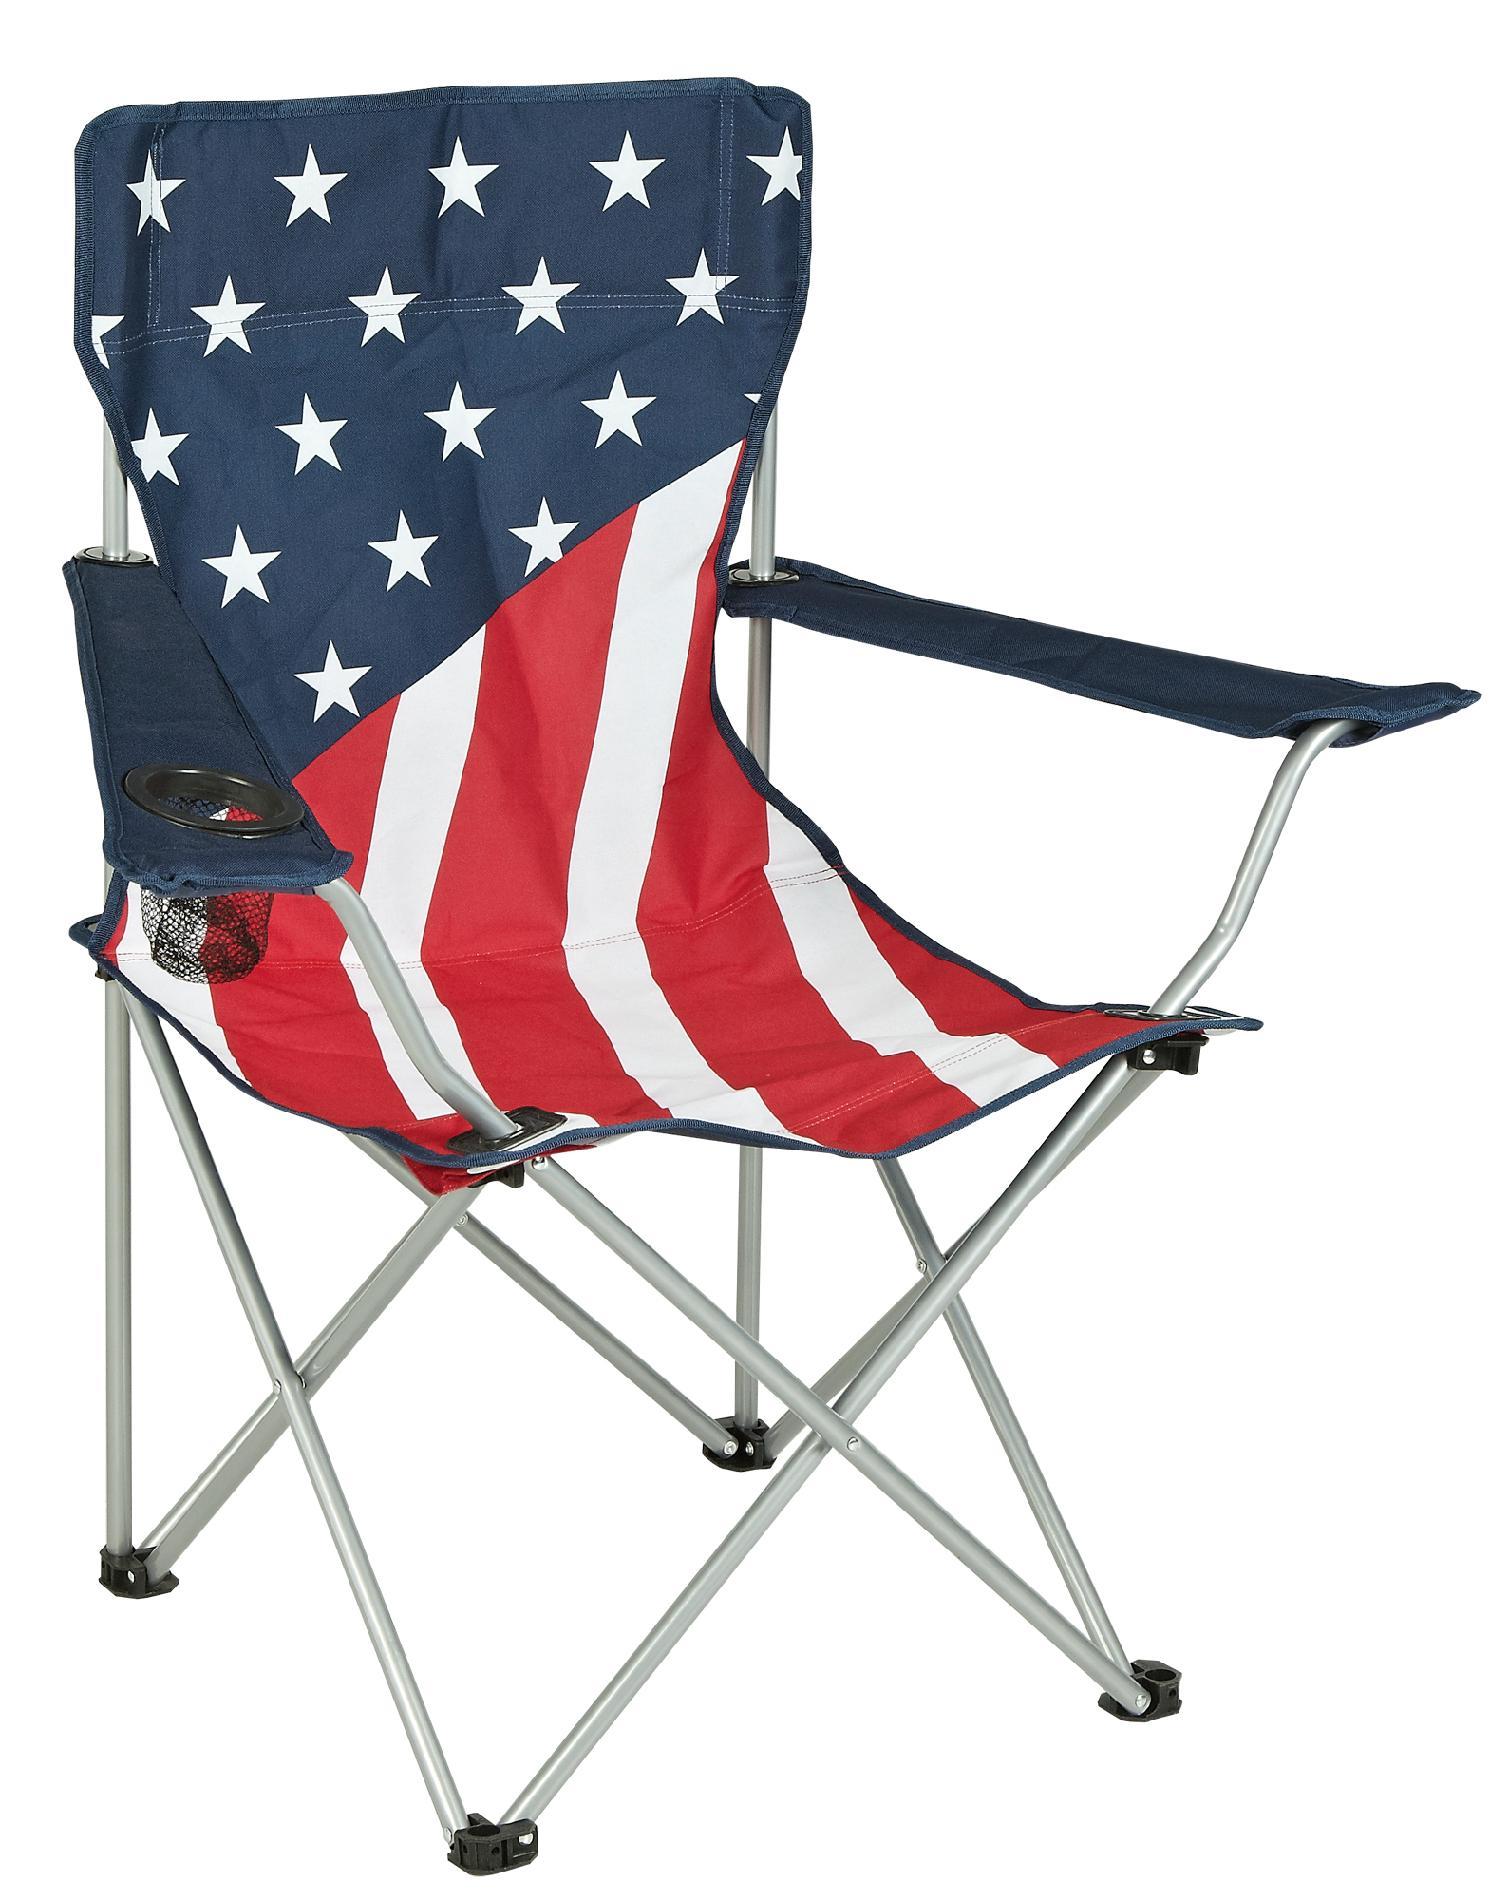 Northwest Territory Chairs